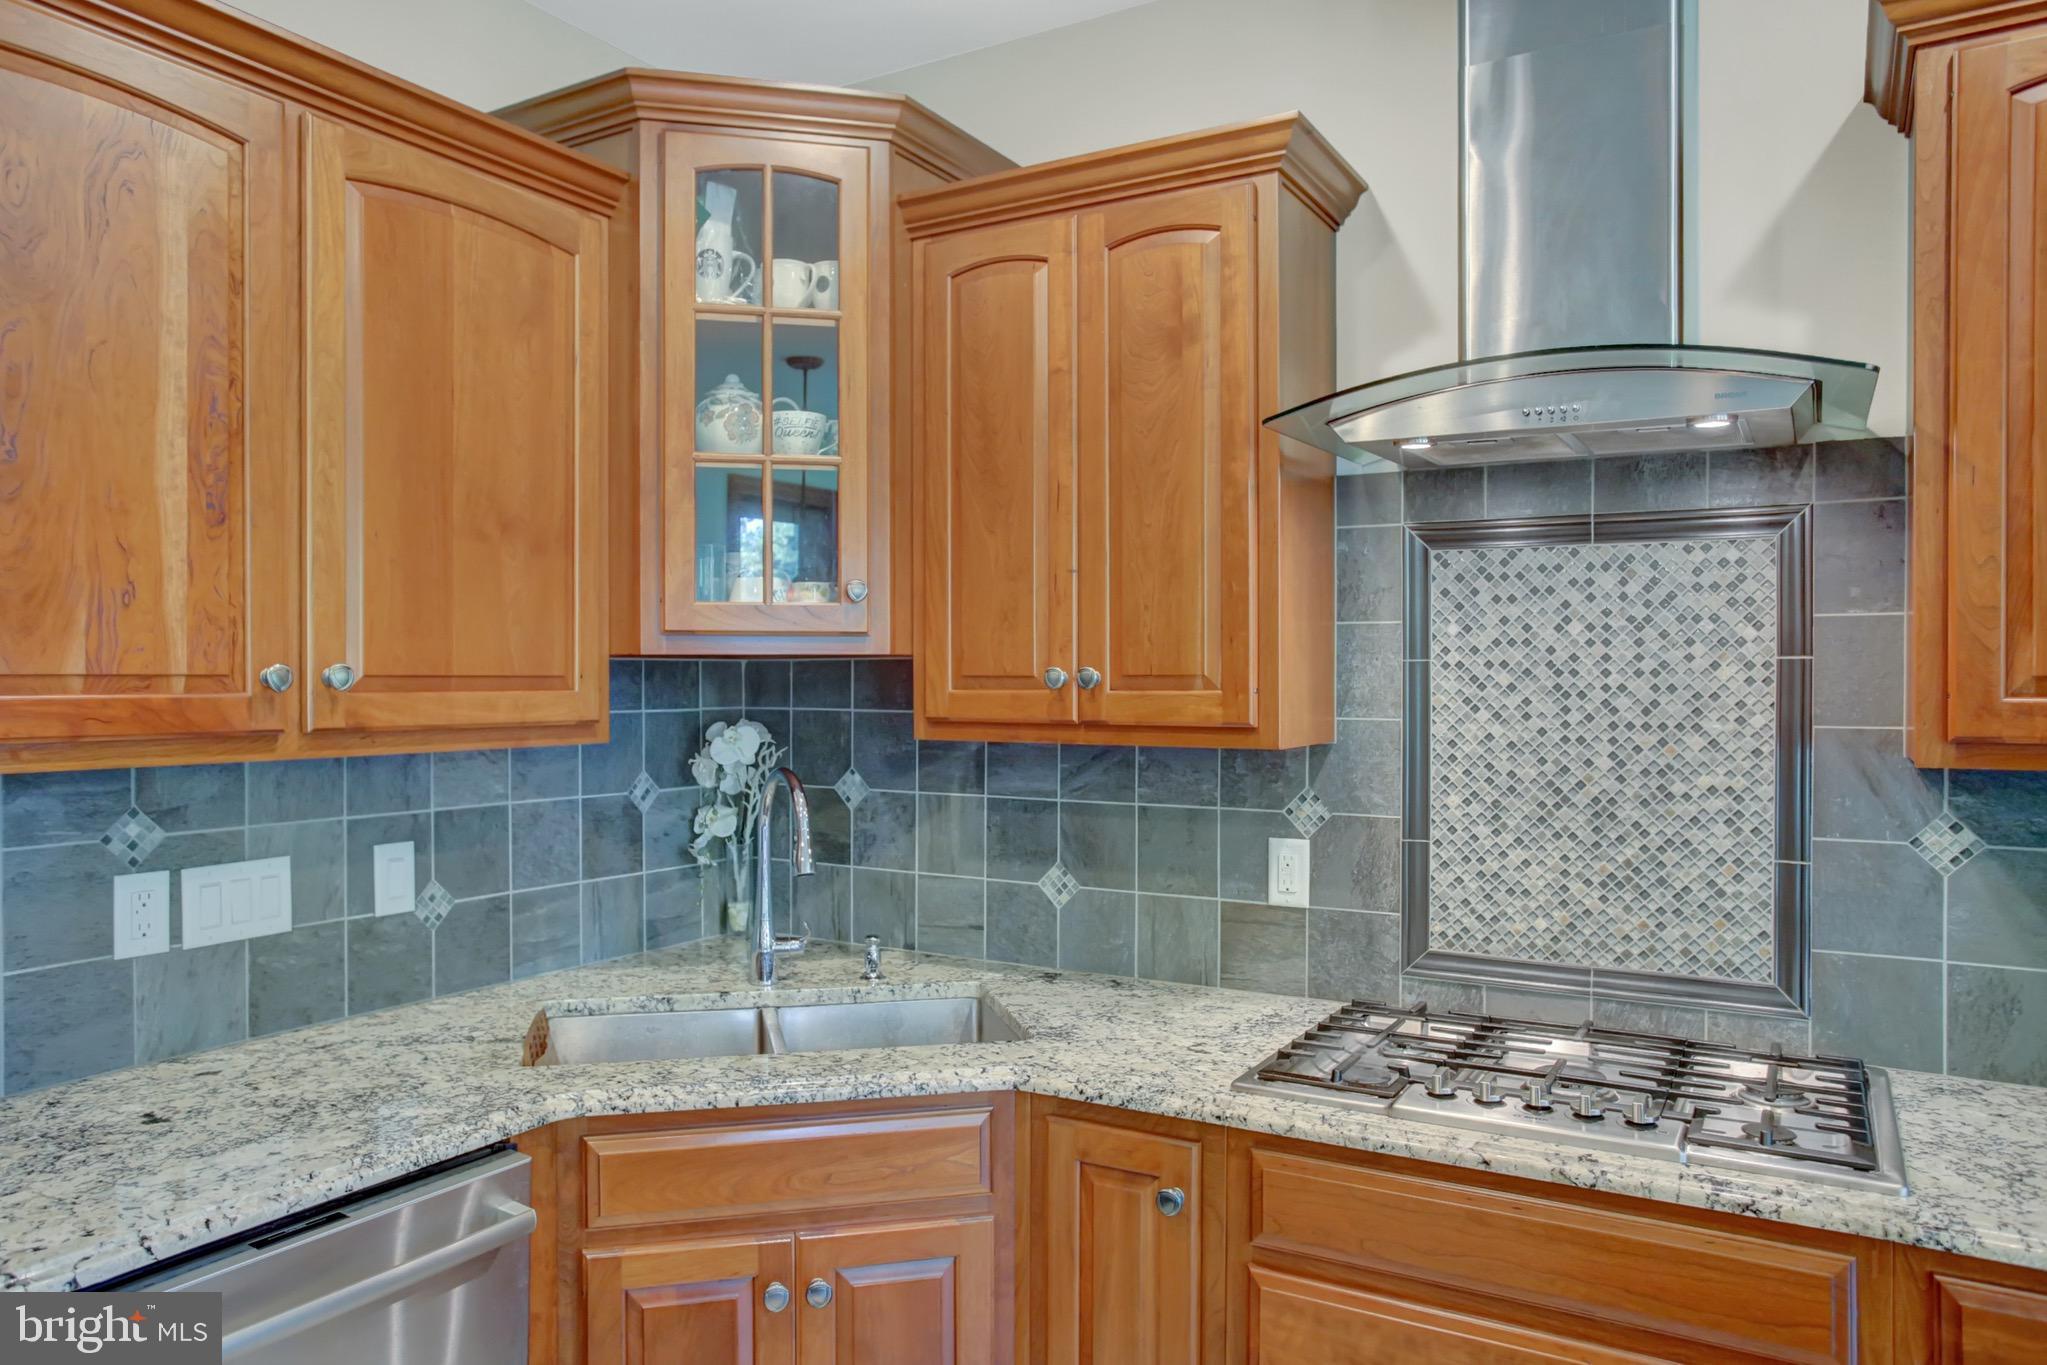 Tile backsplash, gas cooktop, stand alone vent.